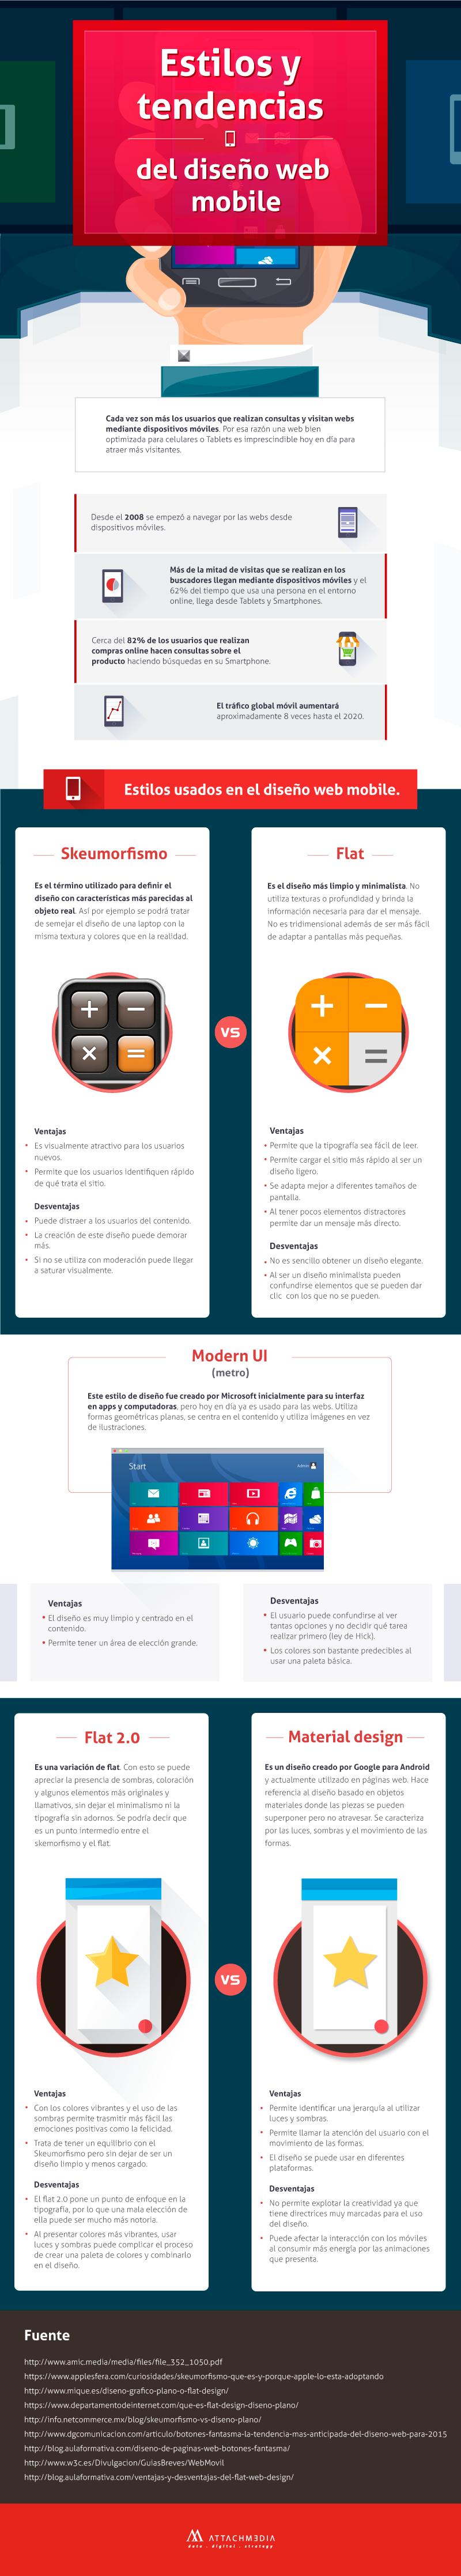 Infografía: Estilos y tendencias del diseño web mobile.